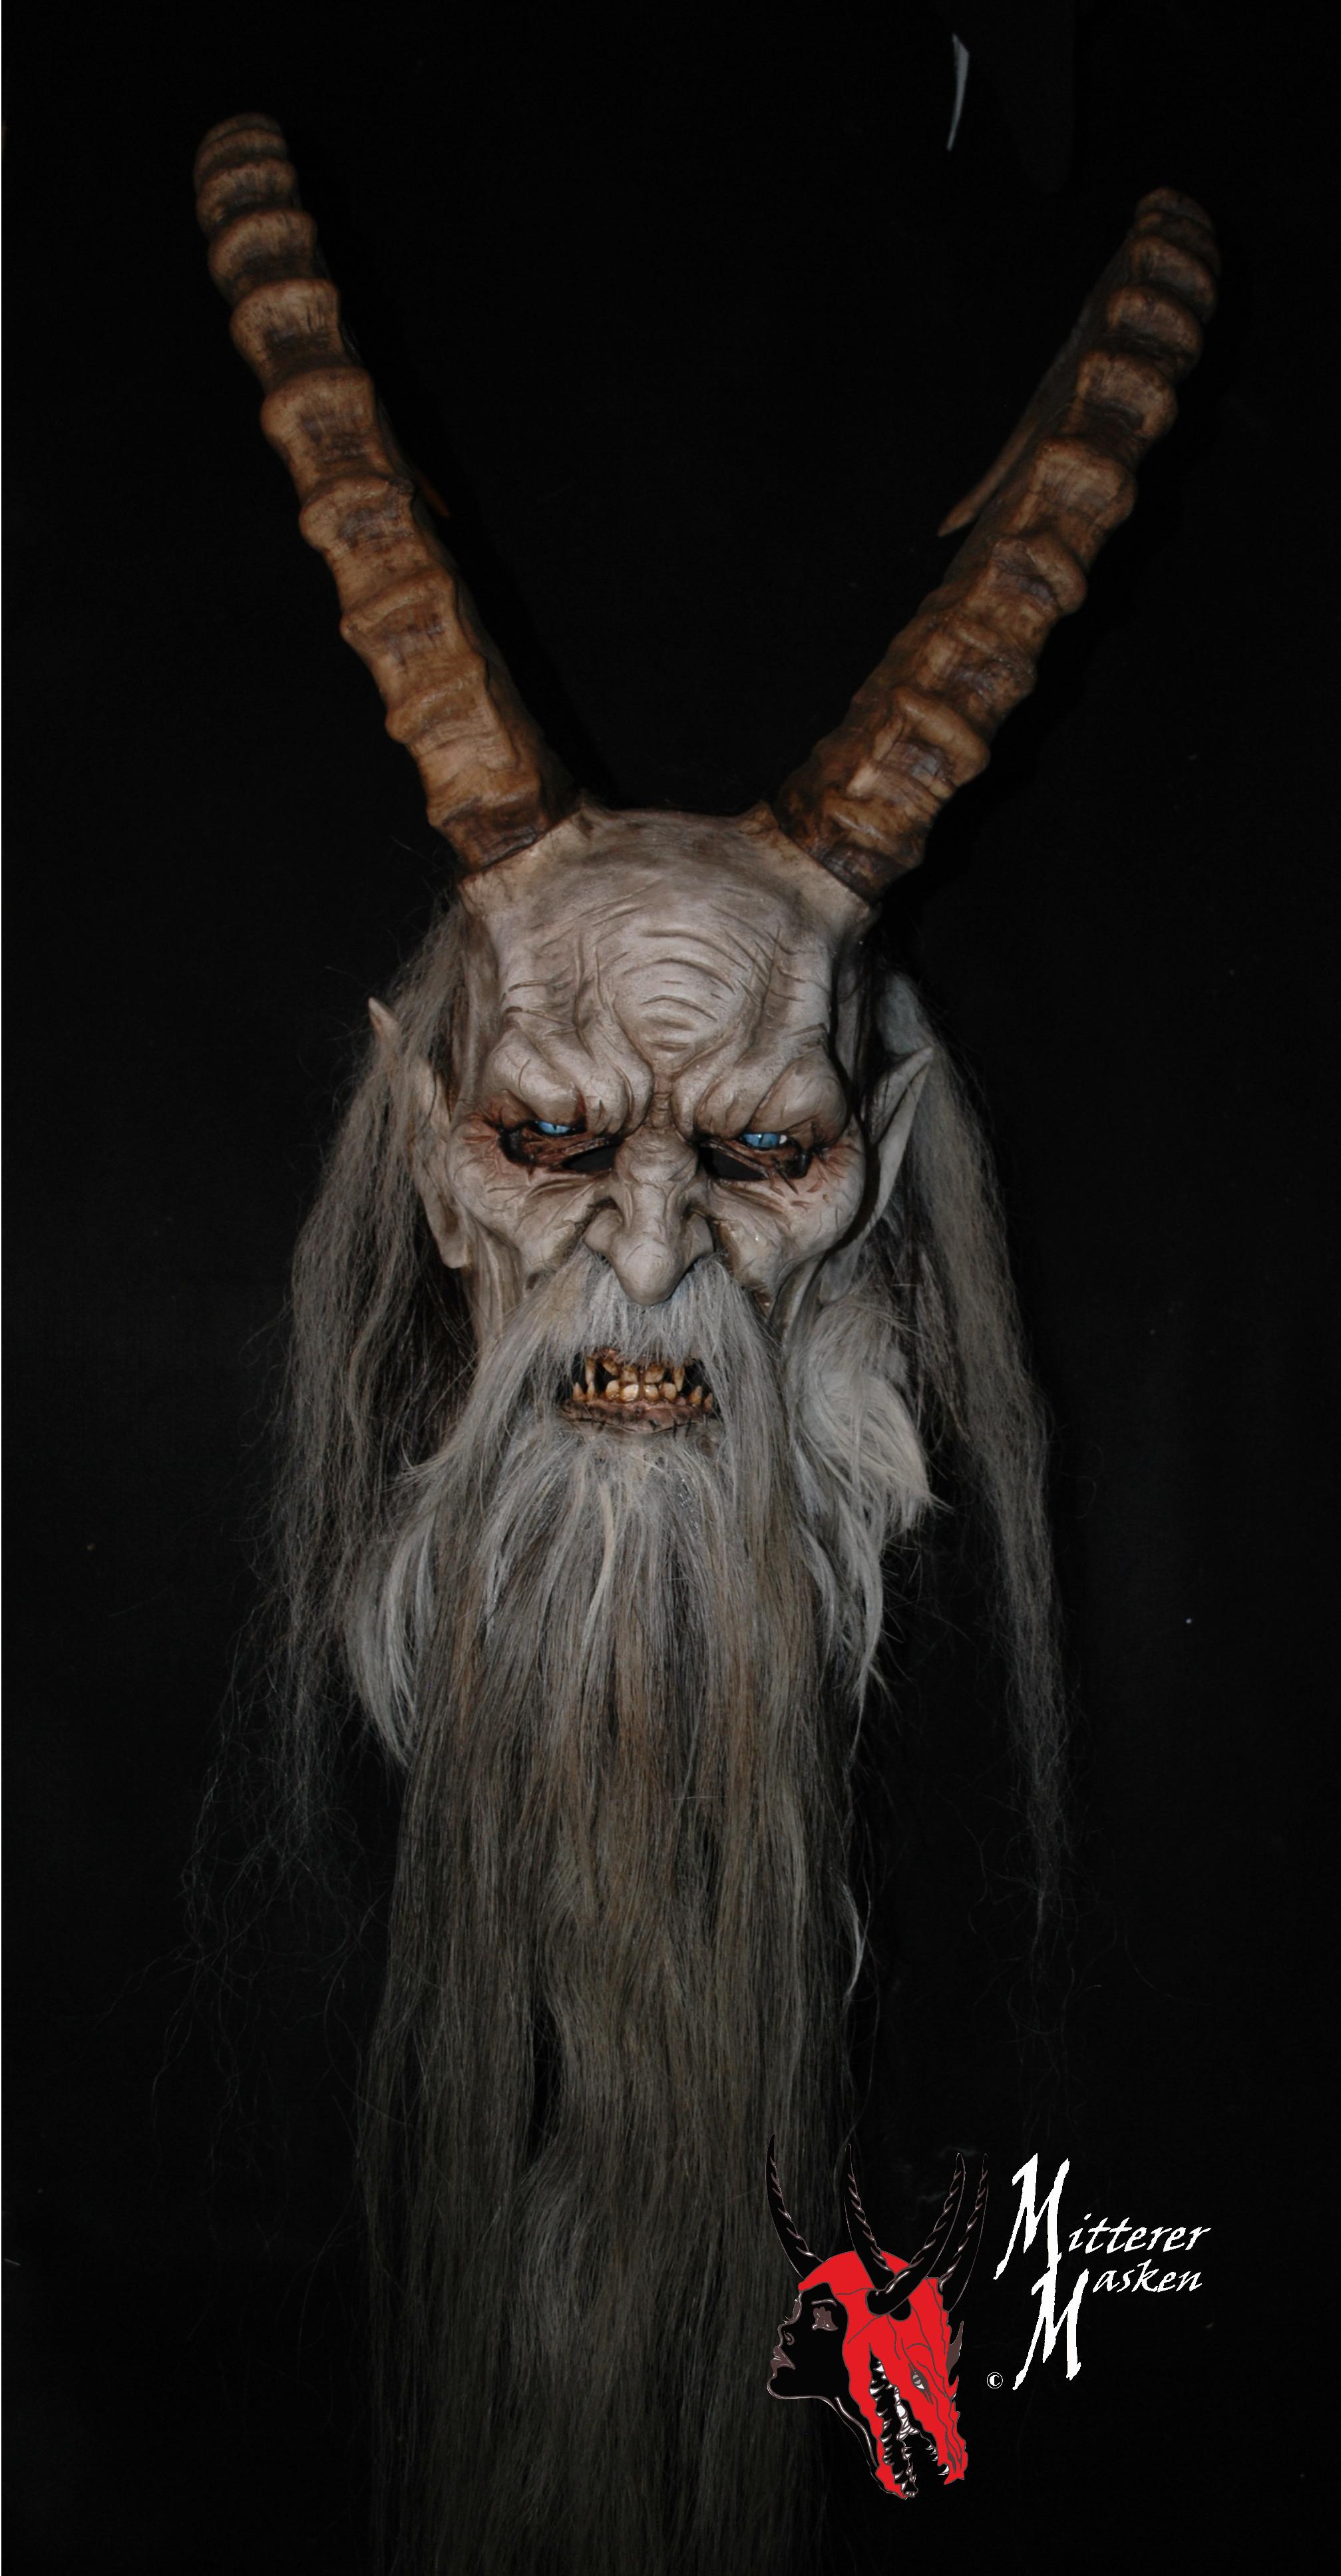 masken holzmaske wooden masks devil krampus. Black Bedroom Furniture Sets. Home Design Ideas